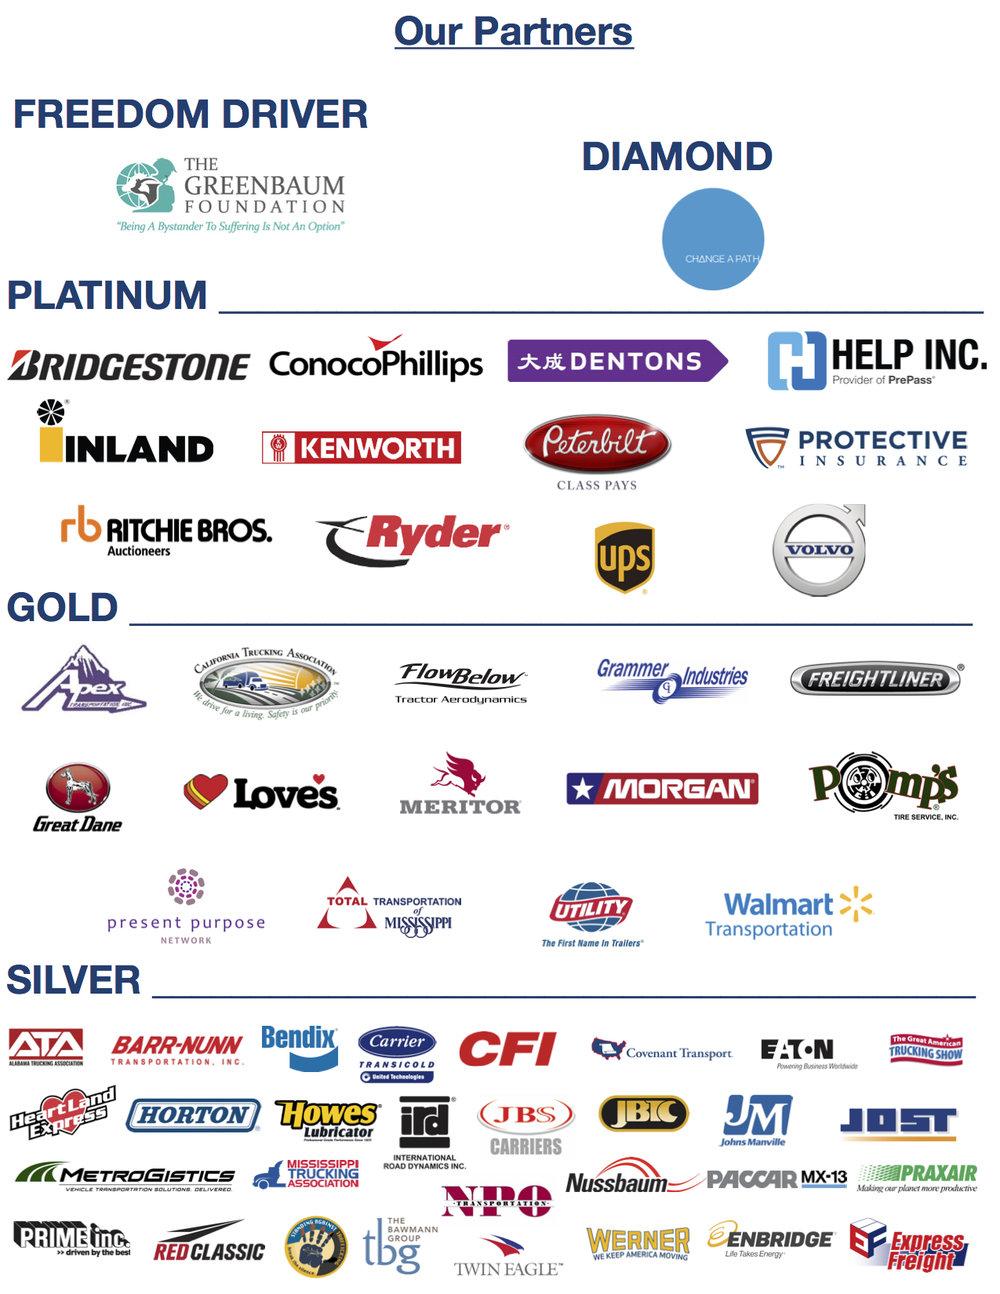 CE Page Partner logos (rev 1-10-18).jpg